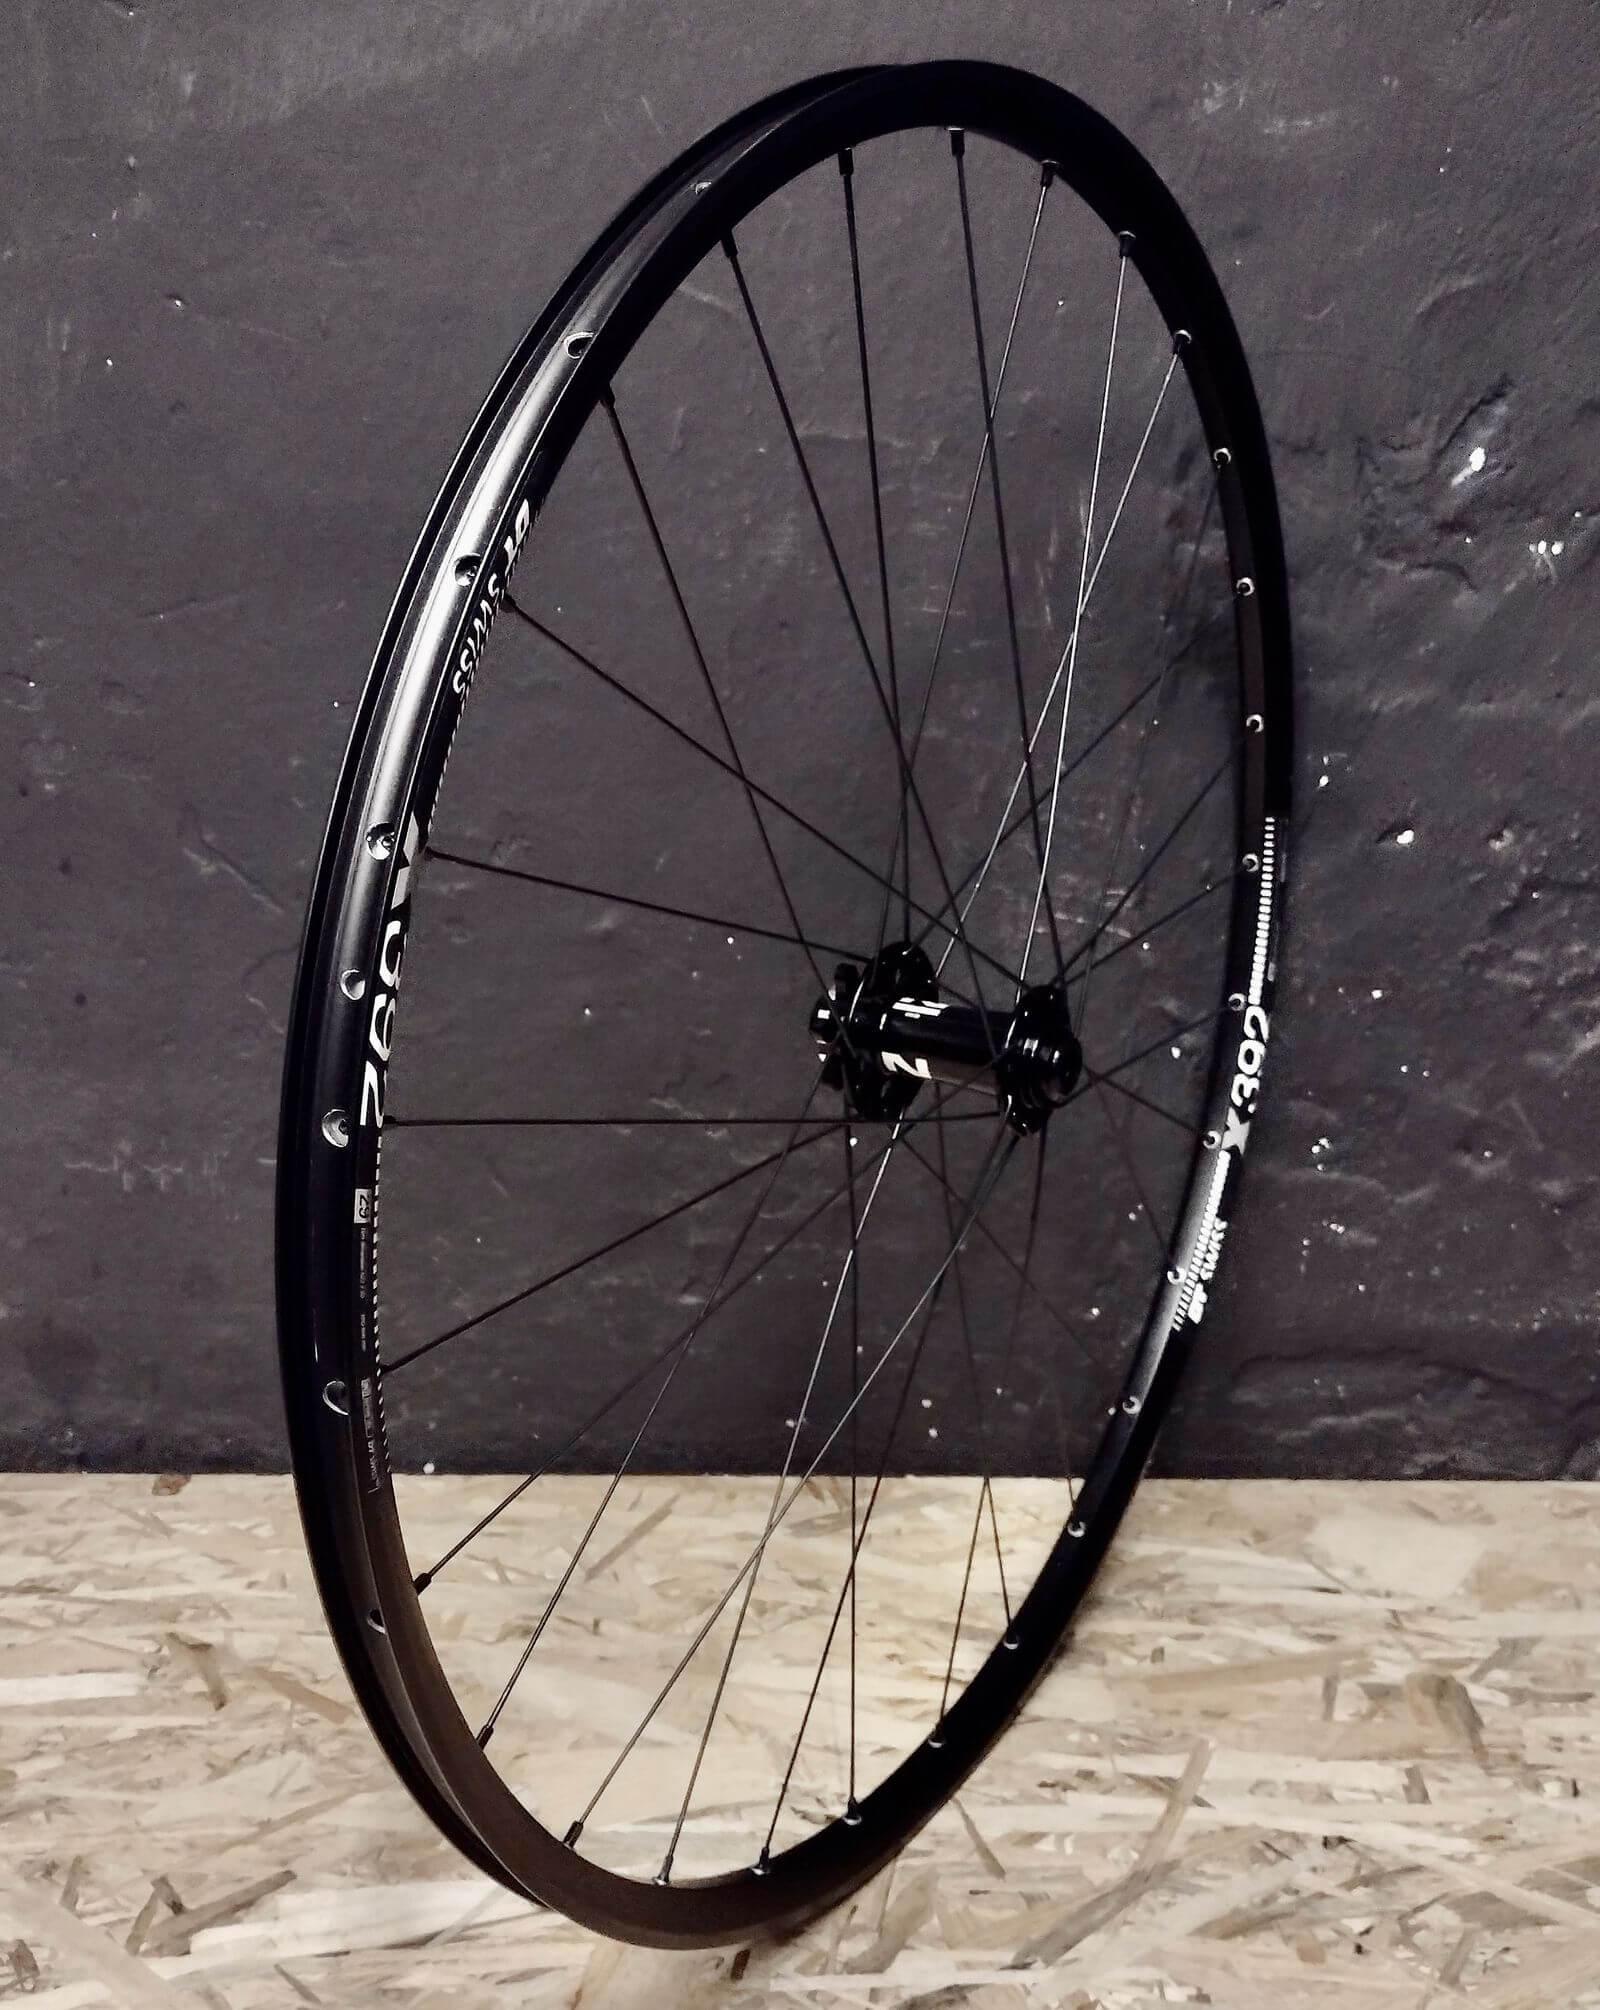 DT Swiss X392 Novatec 791/792 Pillar Przednie aluminiowe koło MTB 29 cali / 700C - lekkie koło do roweru MTB i Gravel